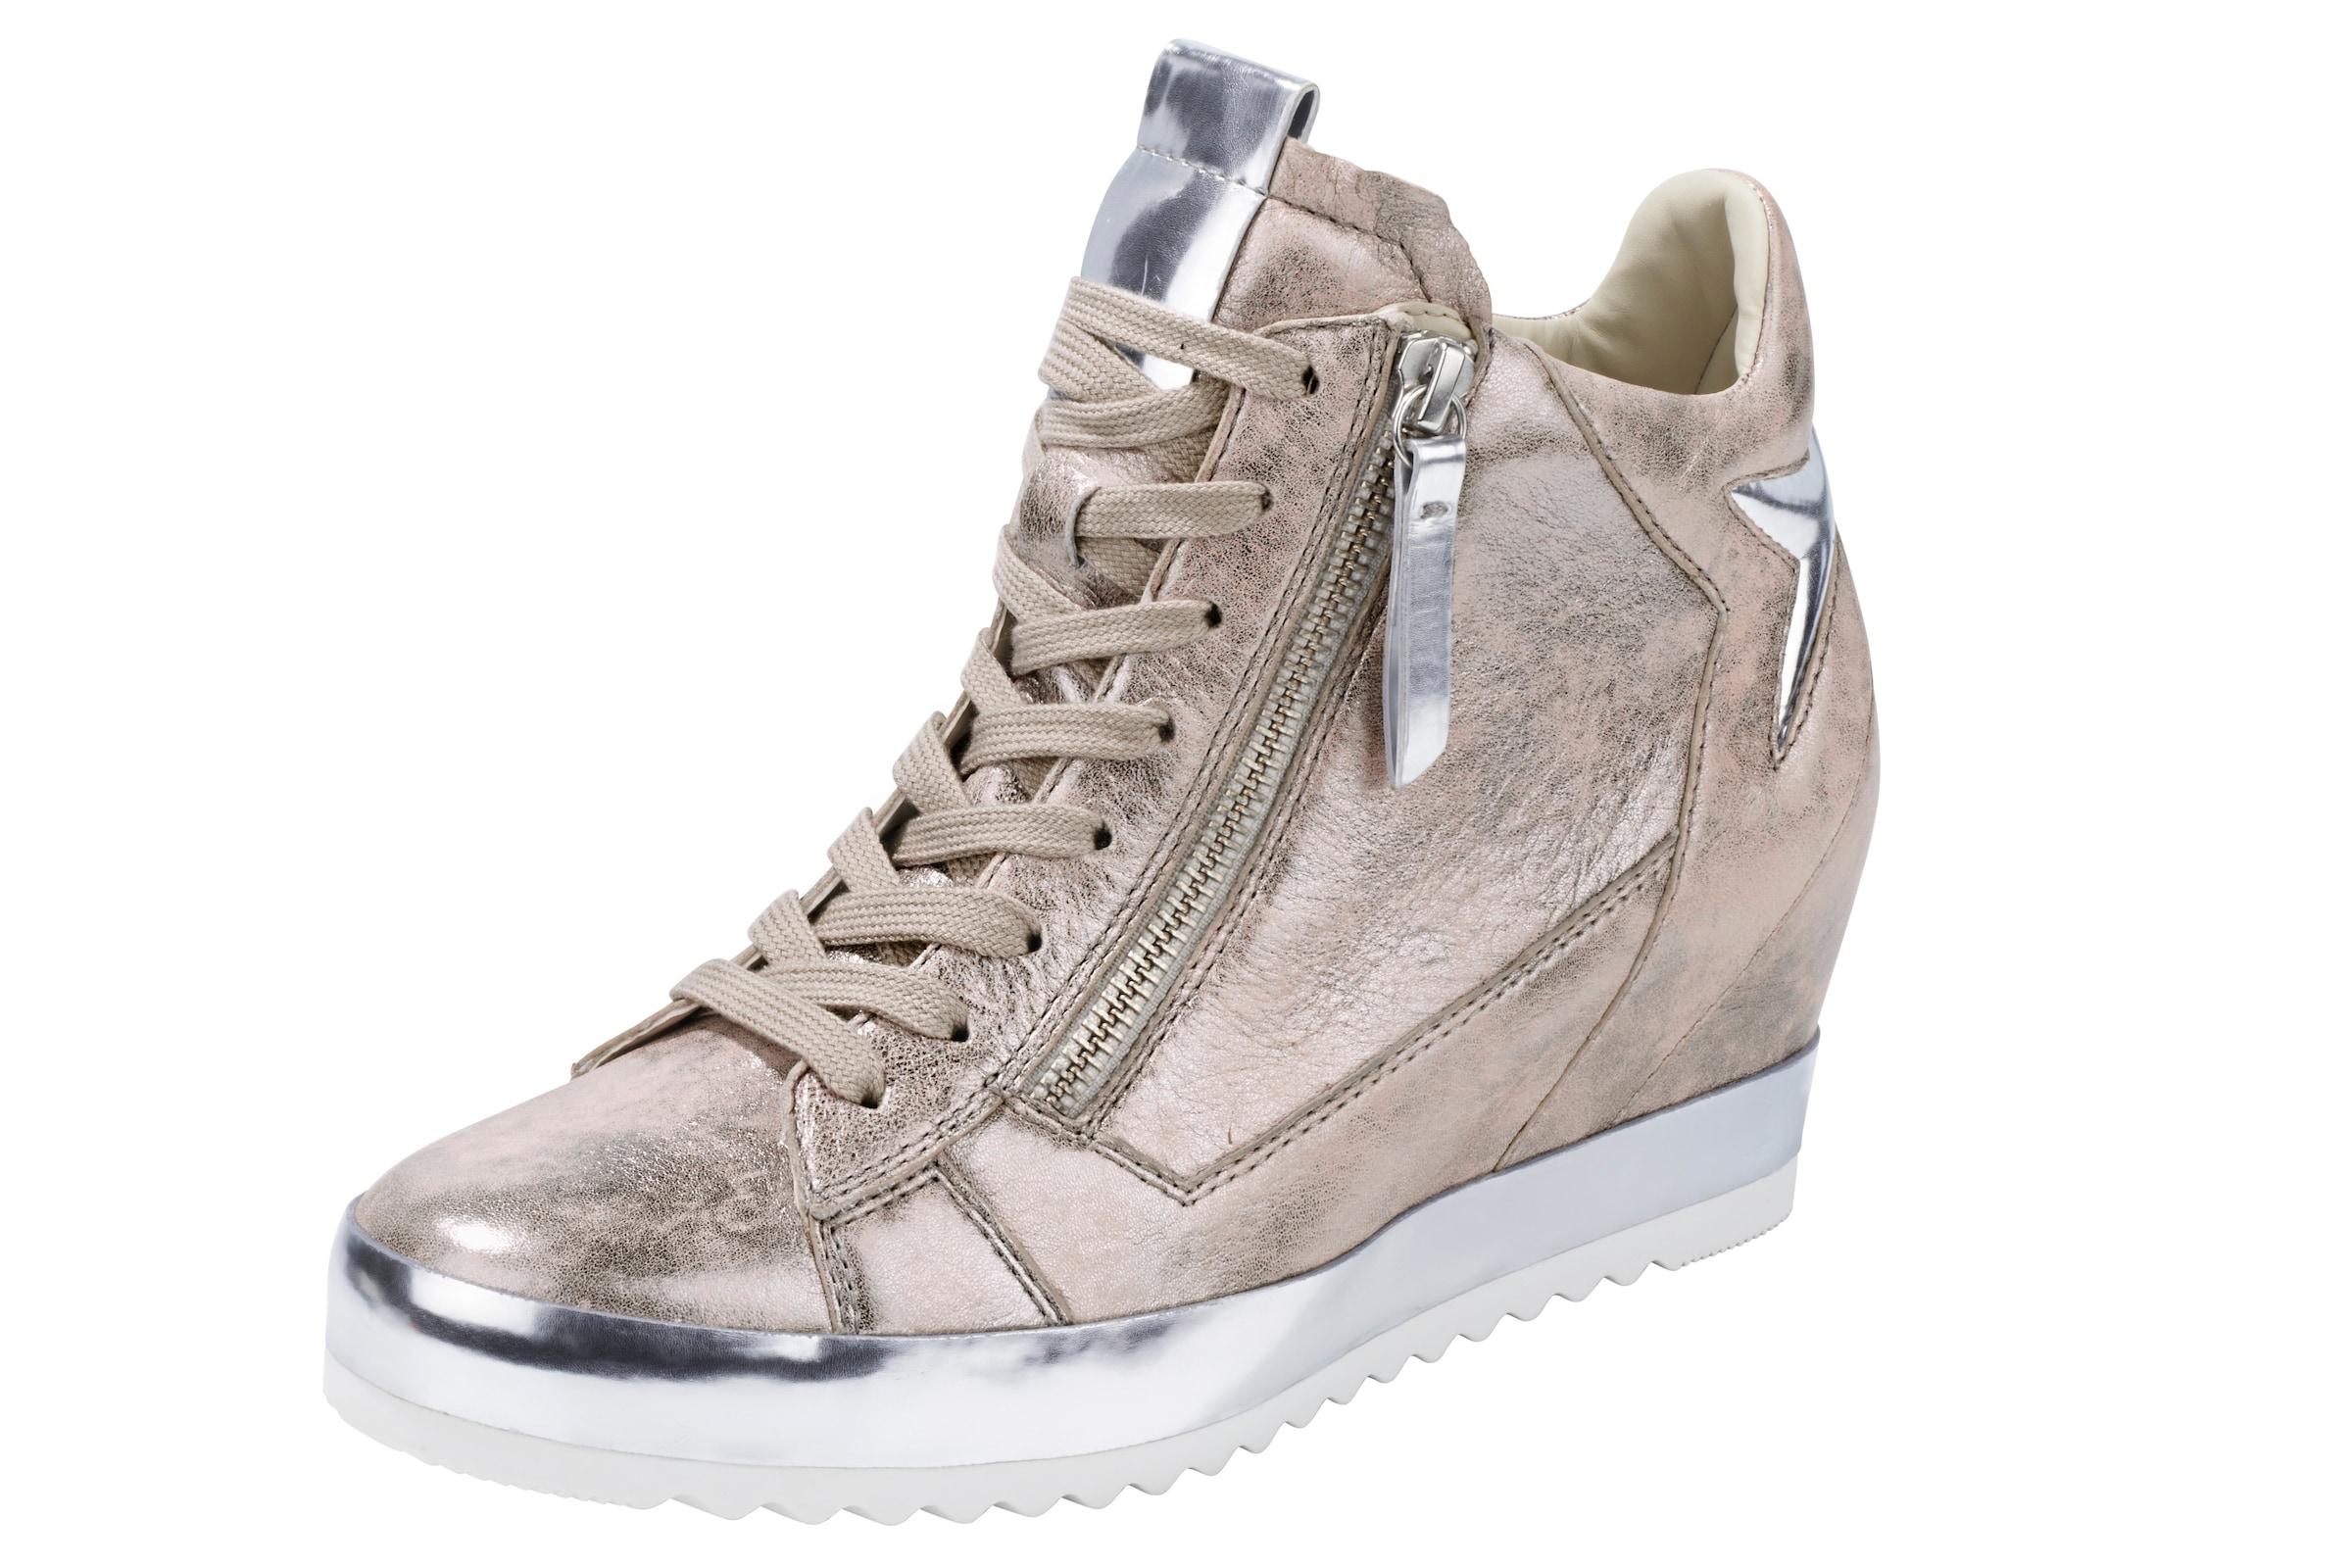 GABOR Comfort Keilsneaker Günstige und langlebige Schuhe